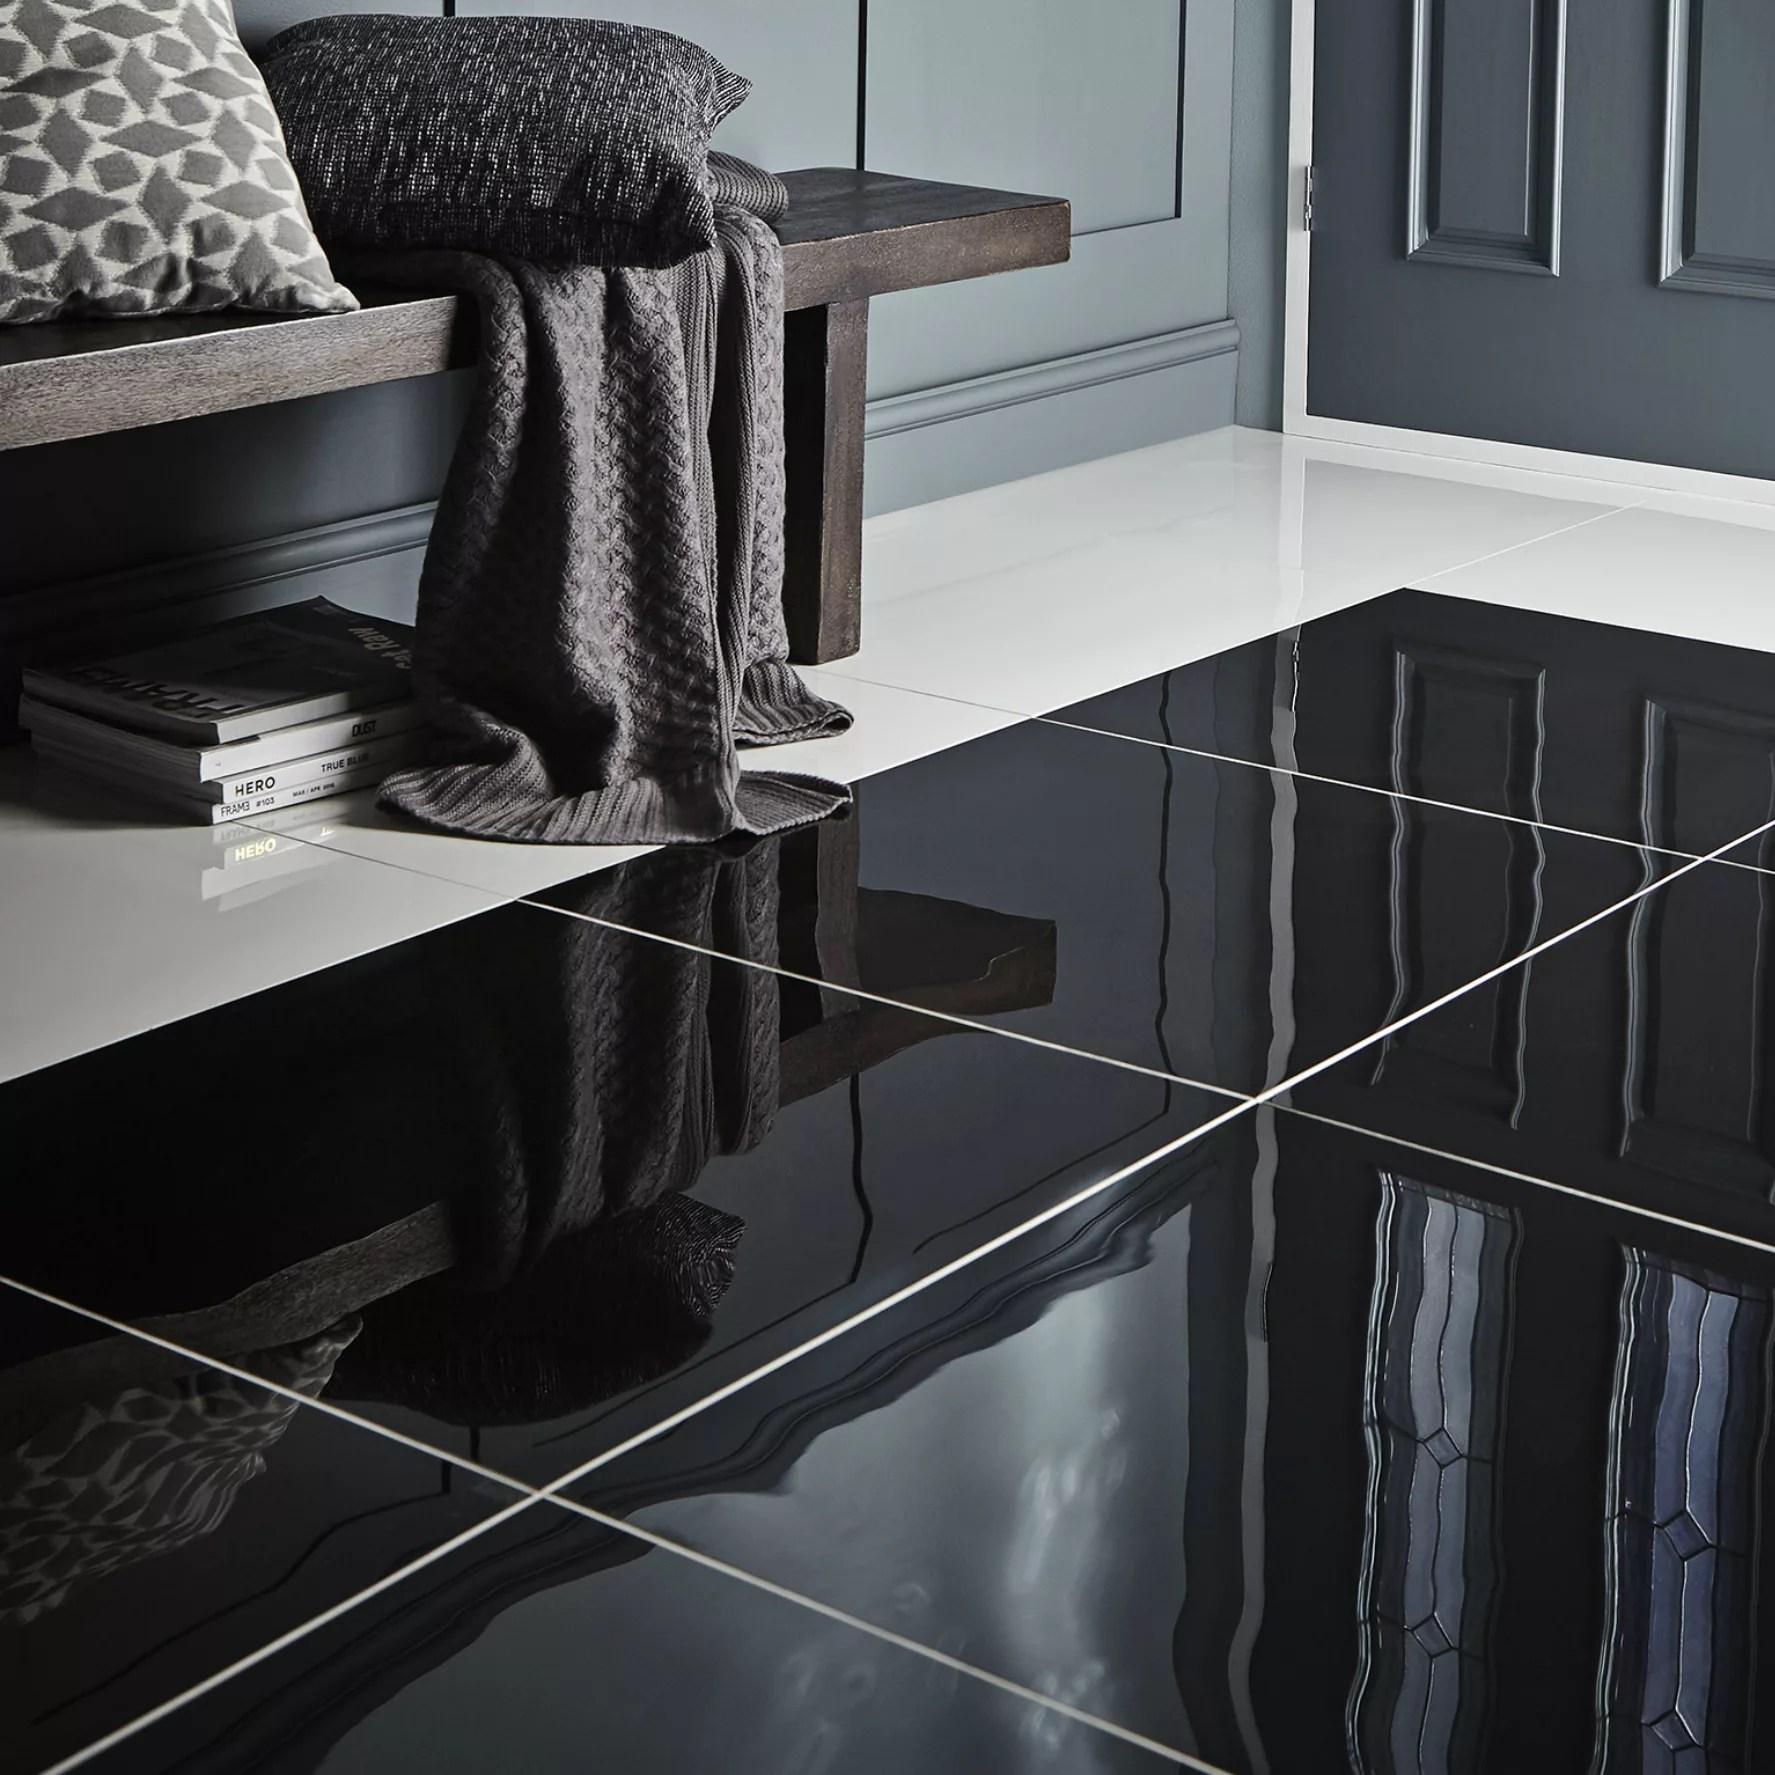 livourne black plain porcelain floor tile l 600mm w 600mm sample